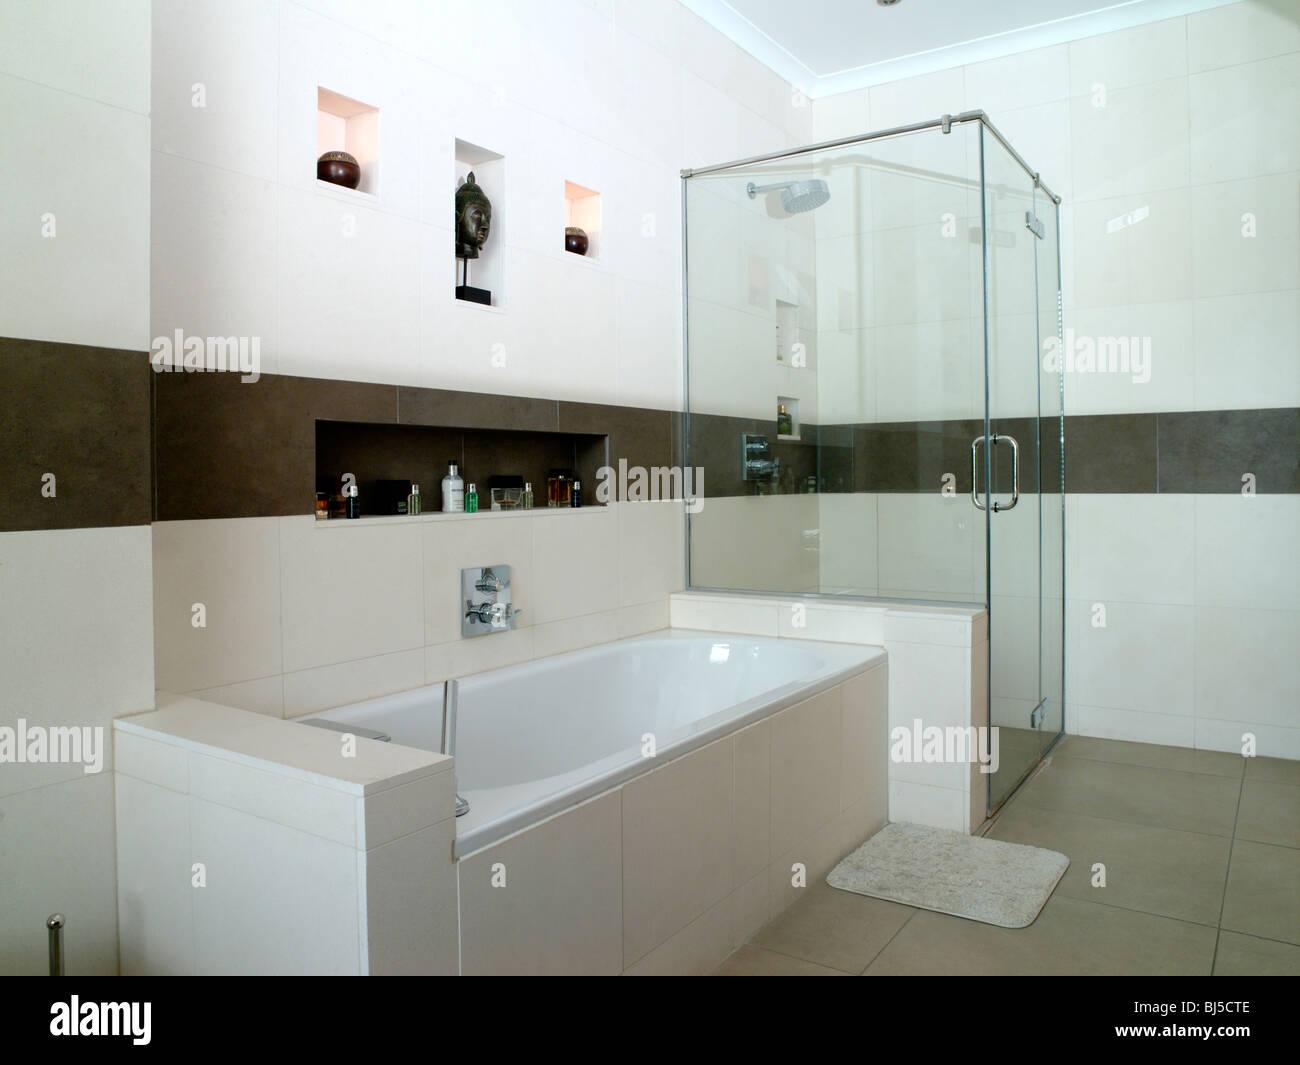 Moderne stanze da bagno di bianco e marrone di lui e di lei doccia in vetro with bagni - Piastrelle da bagno moderne ...